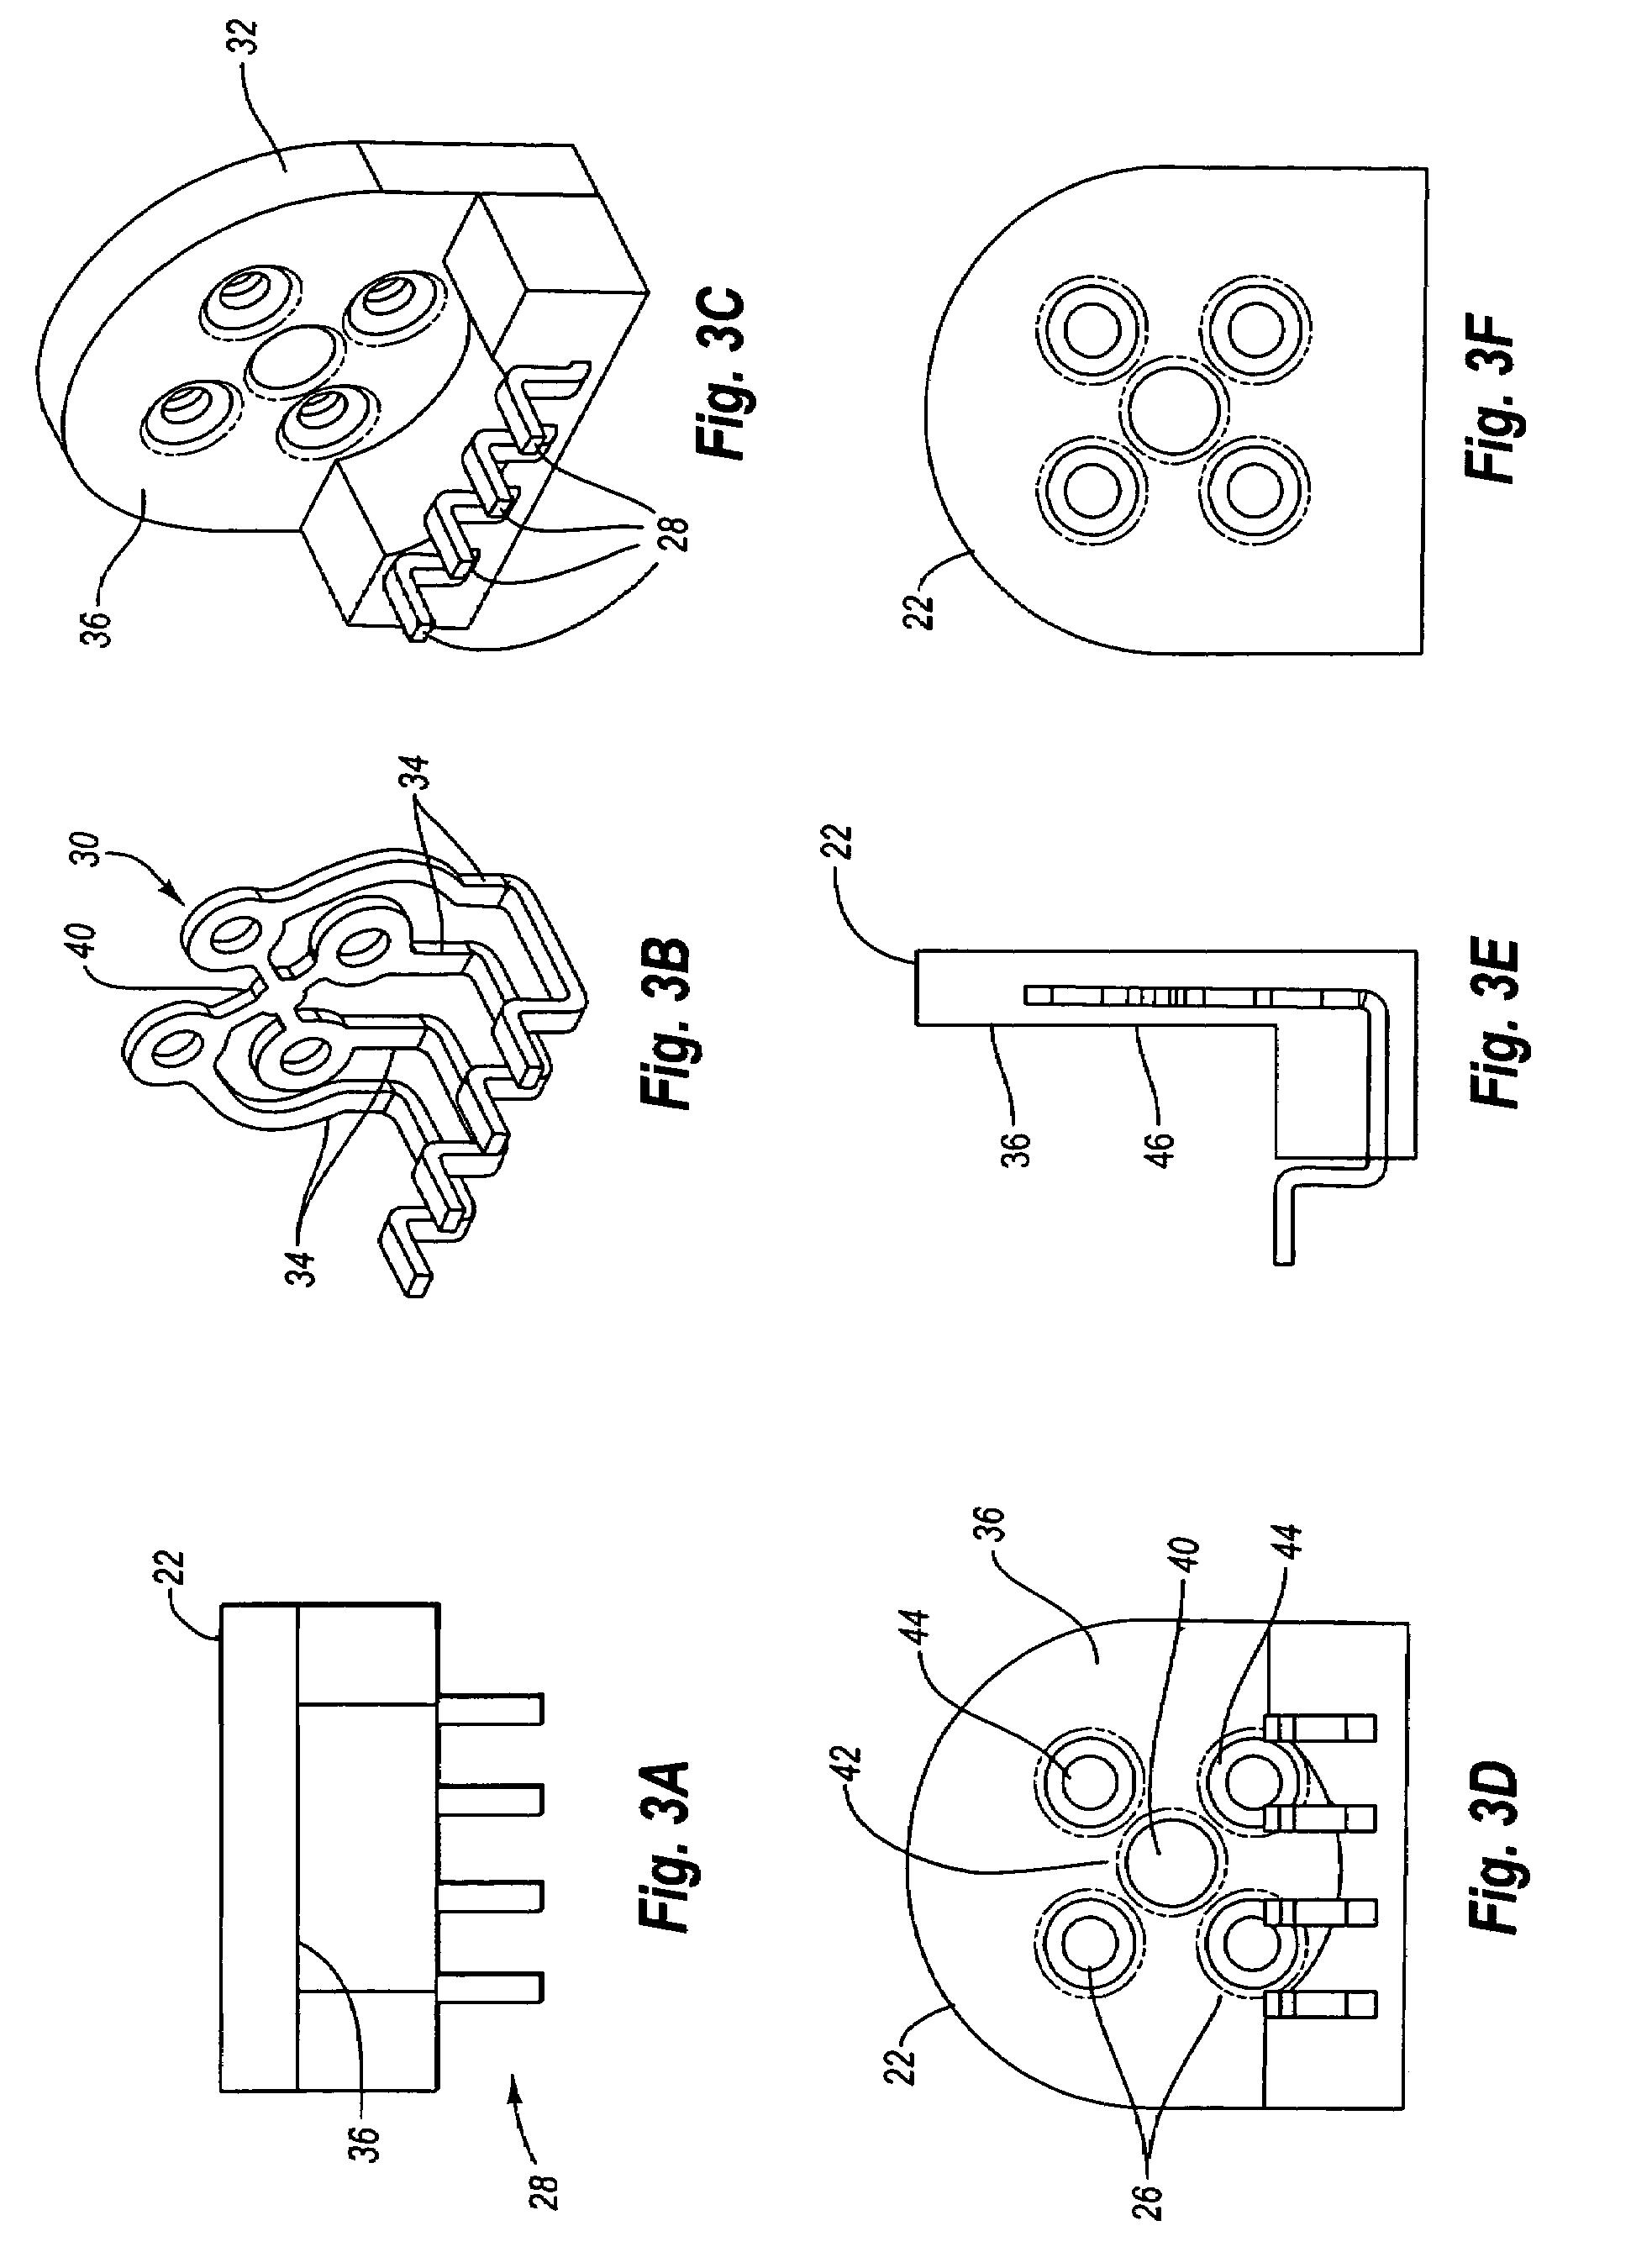 patent us7311530